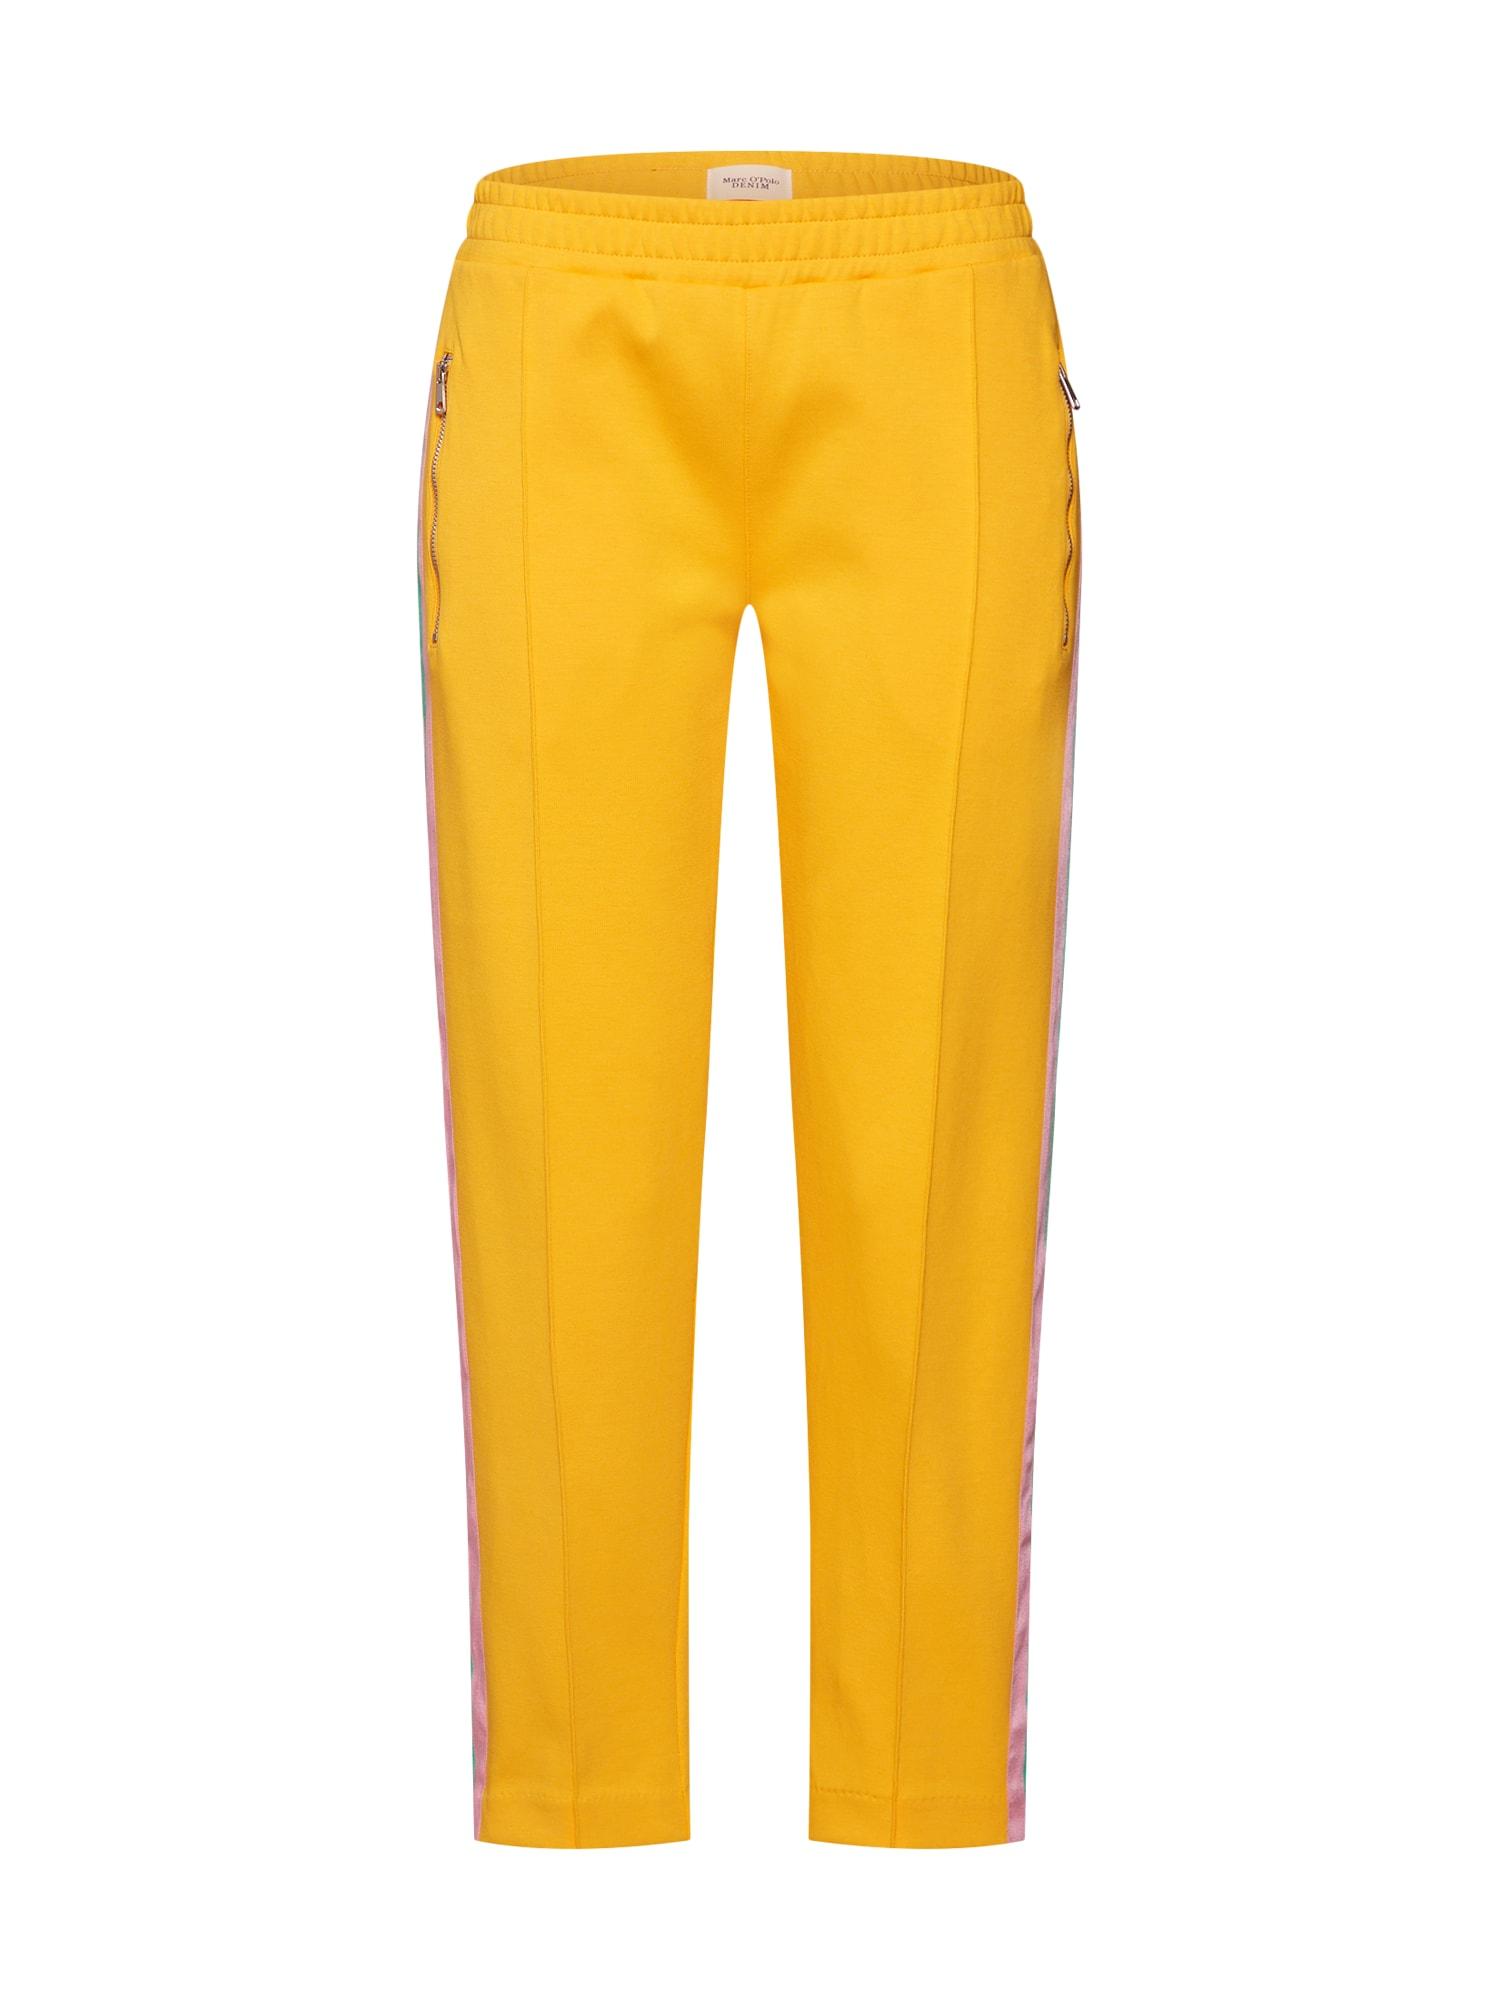 Marc OPolo DENIM Chino kalhoty žlutá oranžová Marc O'Polo DENIM